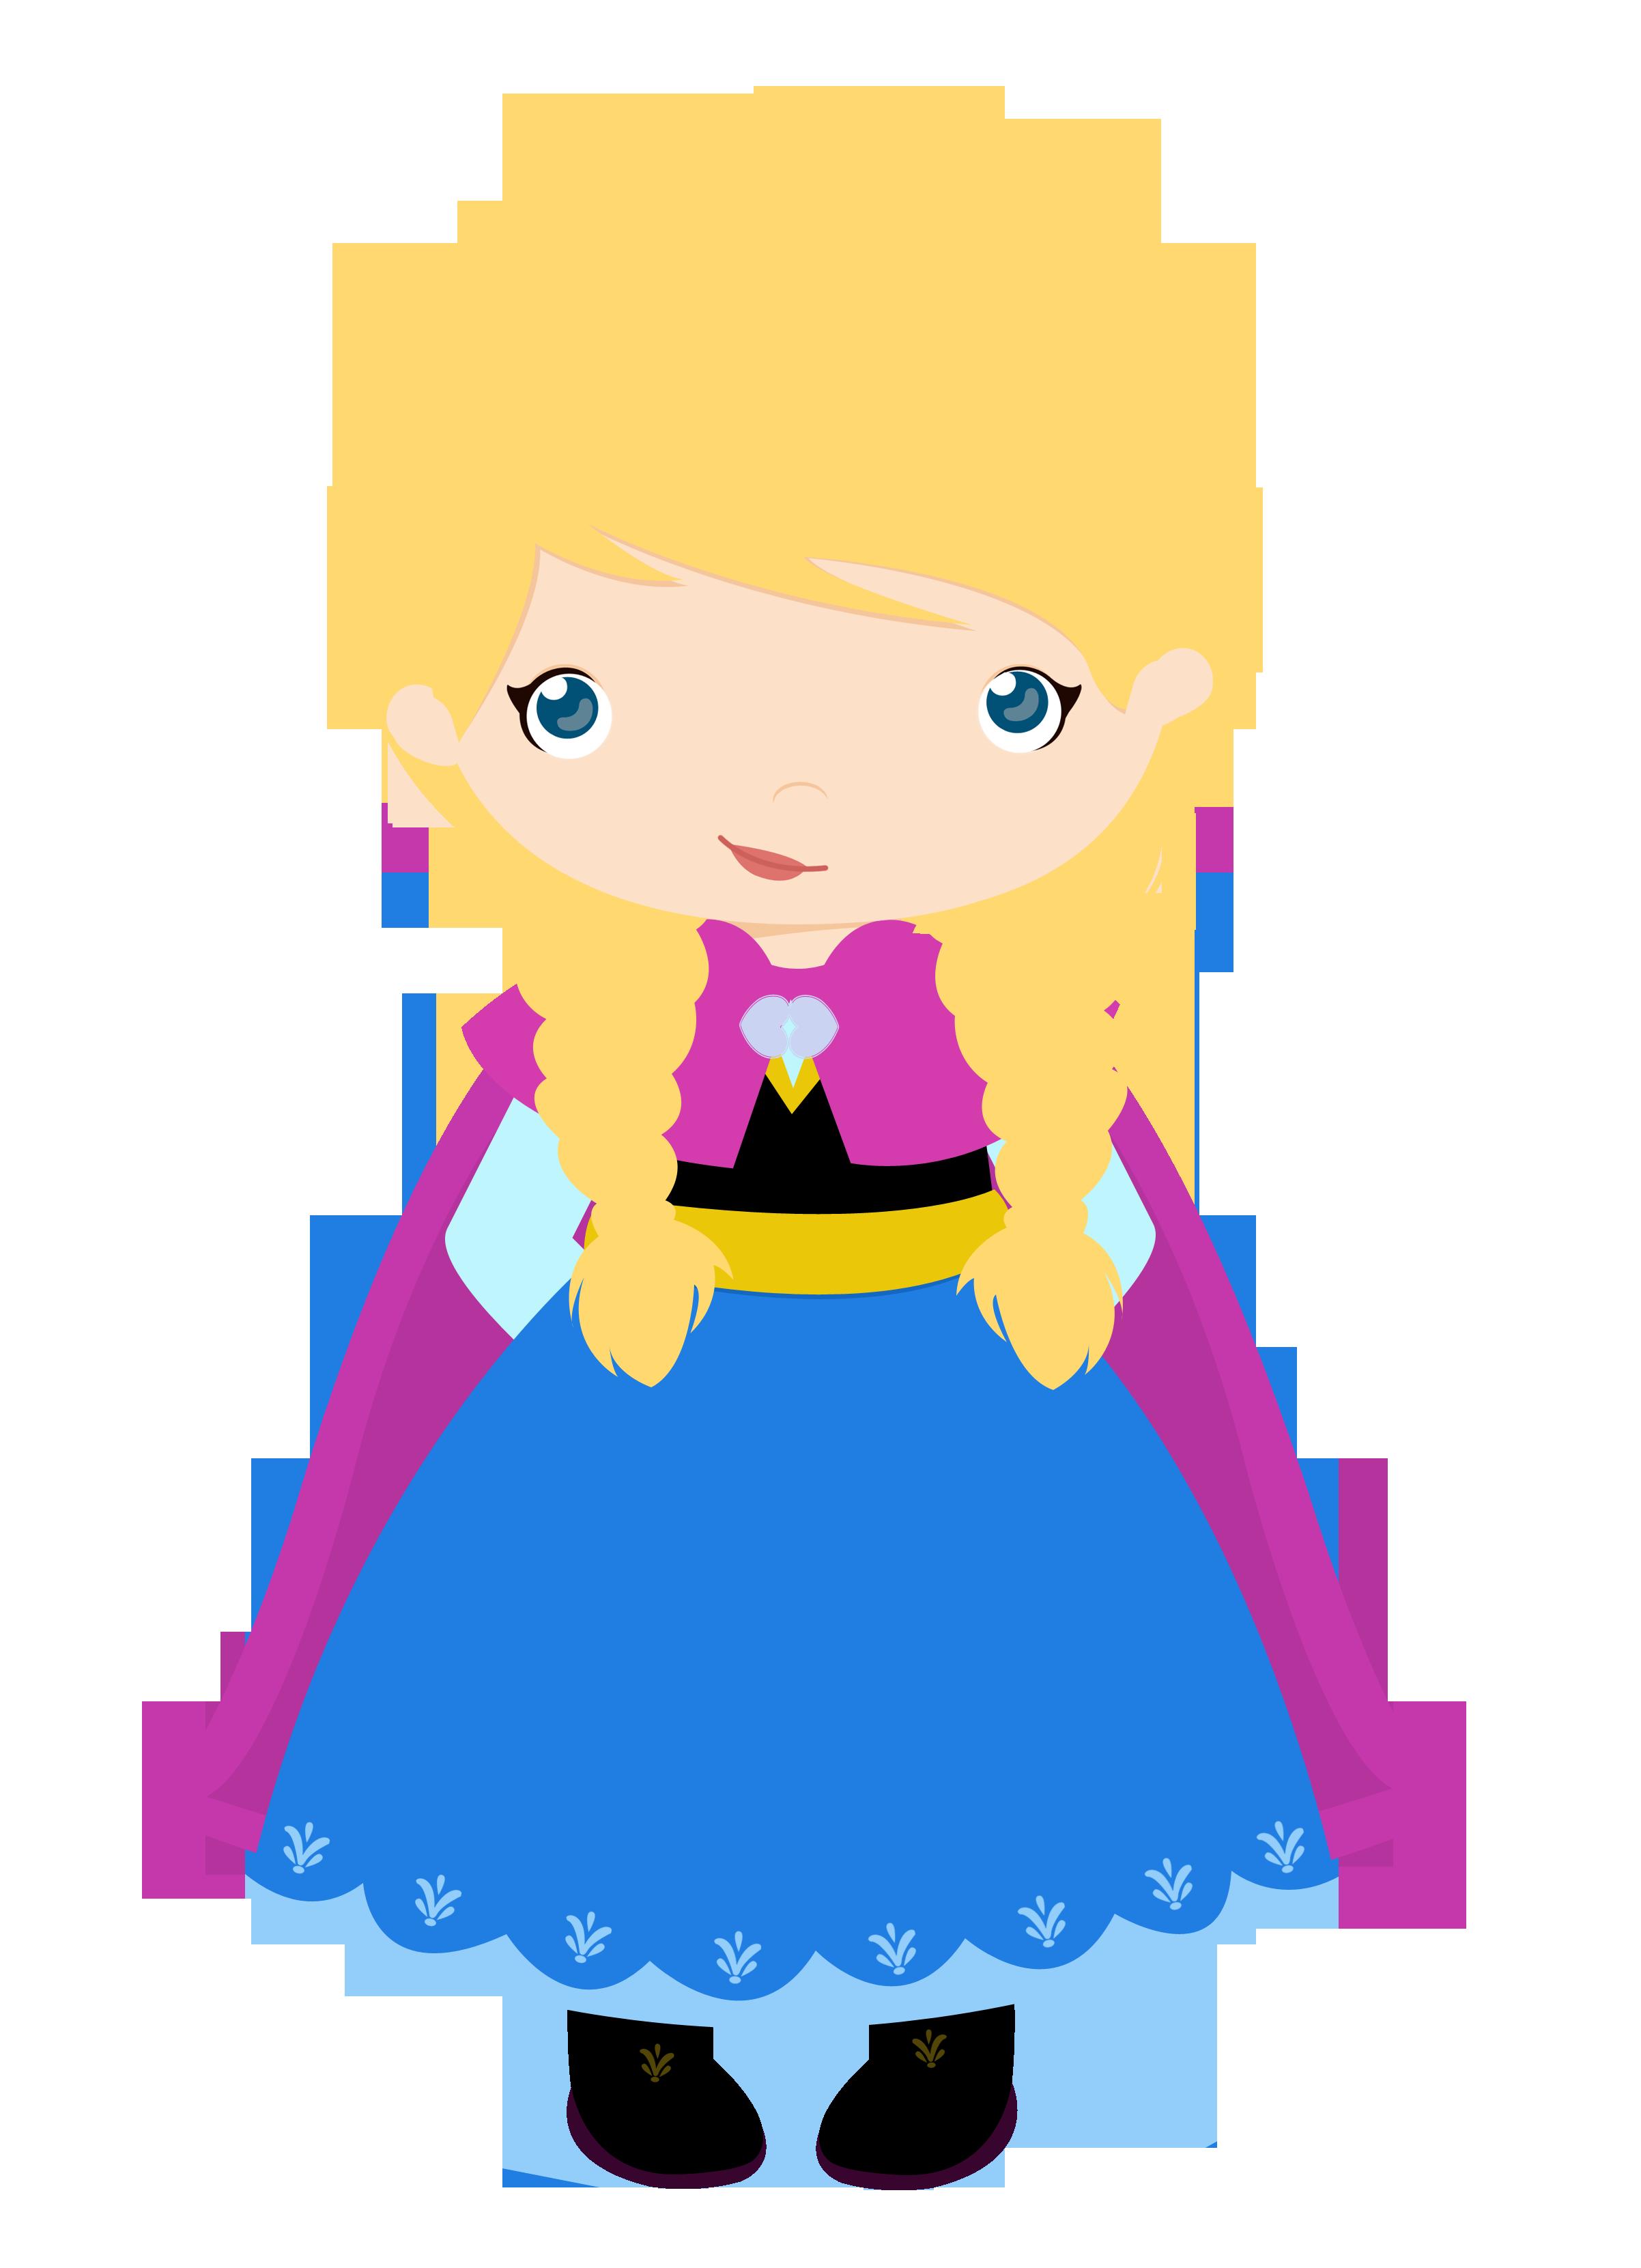 Frozen - CAT_The Snow Princess 2.png - Minus | Personagens Infantis ...